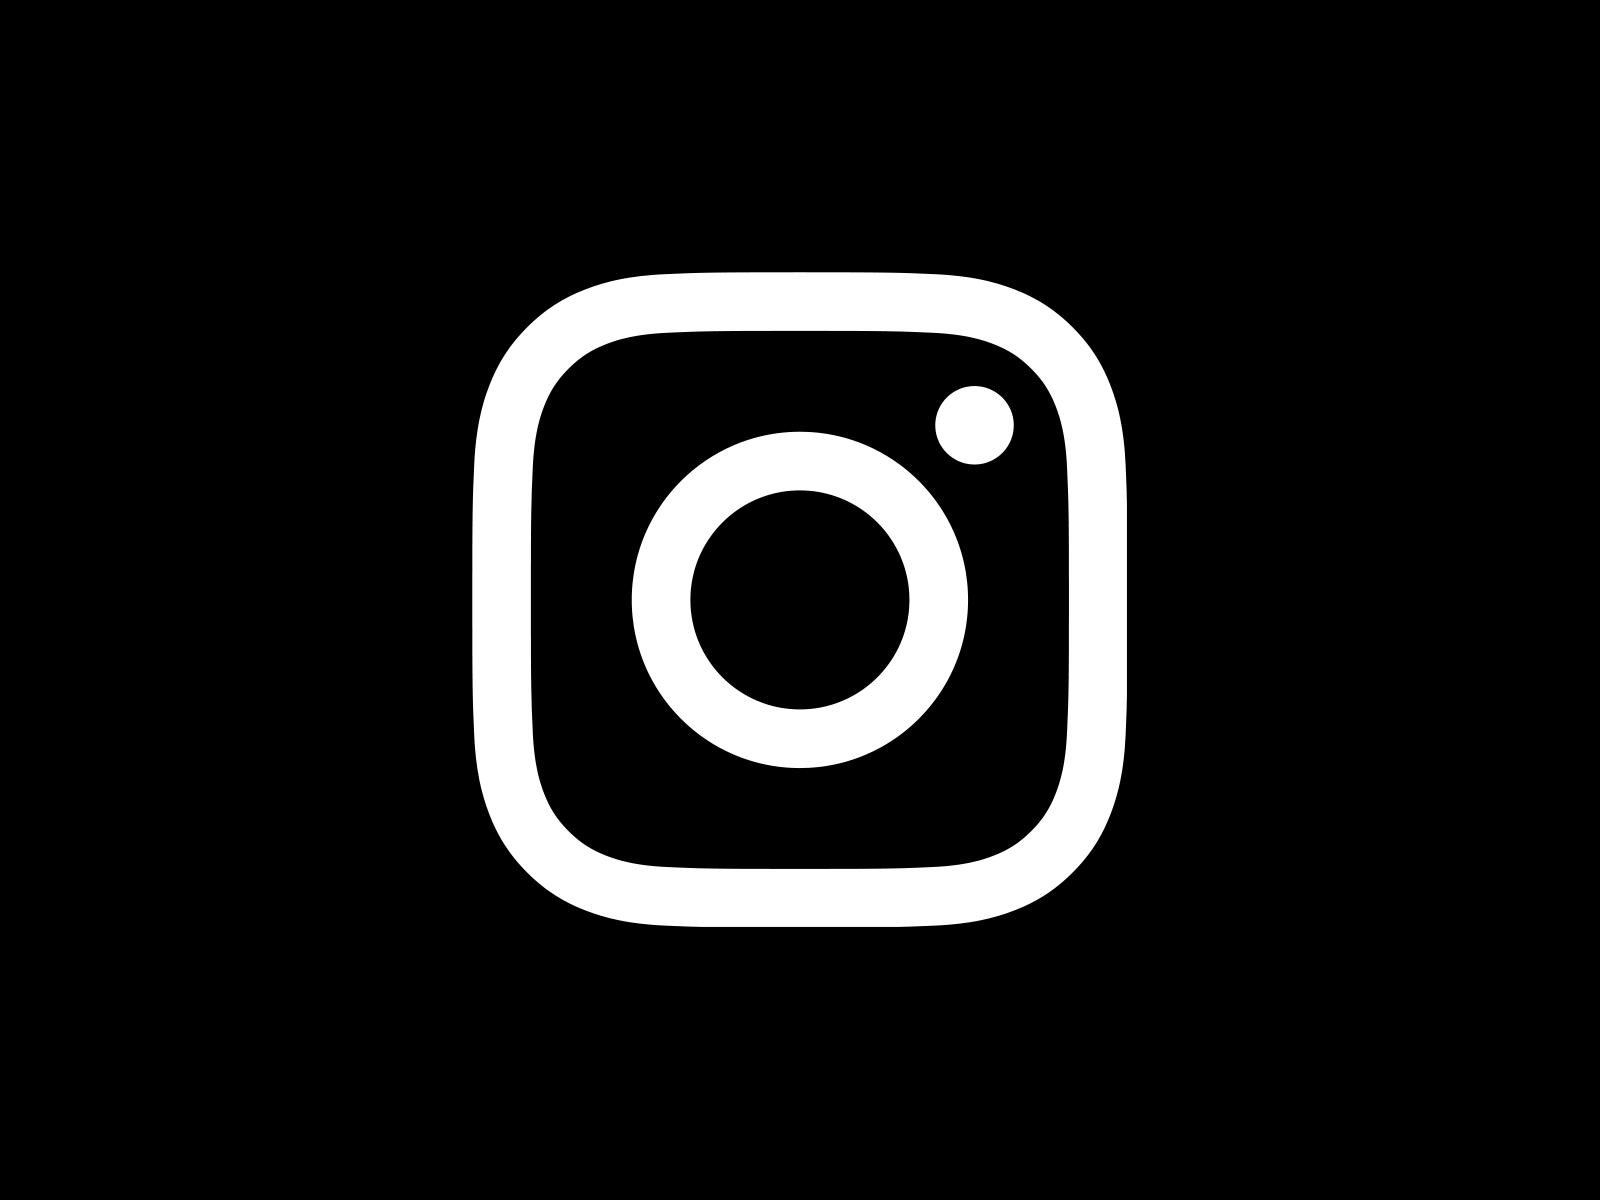 png logo instagram black 13570 transparentpng video camera clipart transparent video camera clipart images